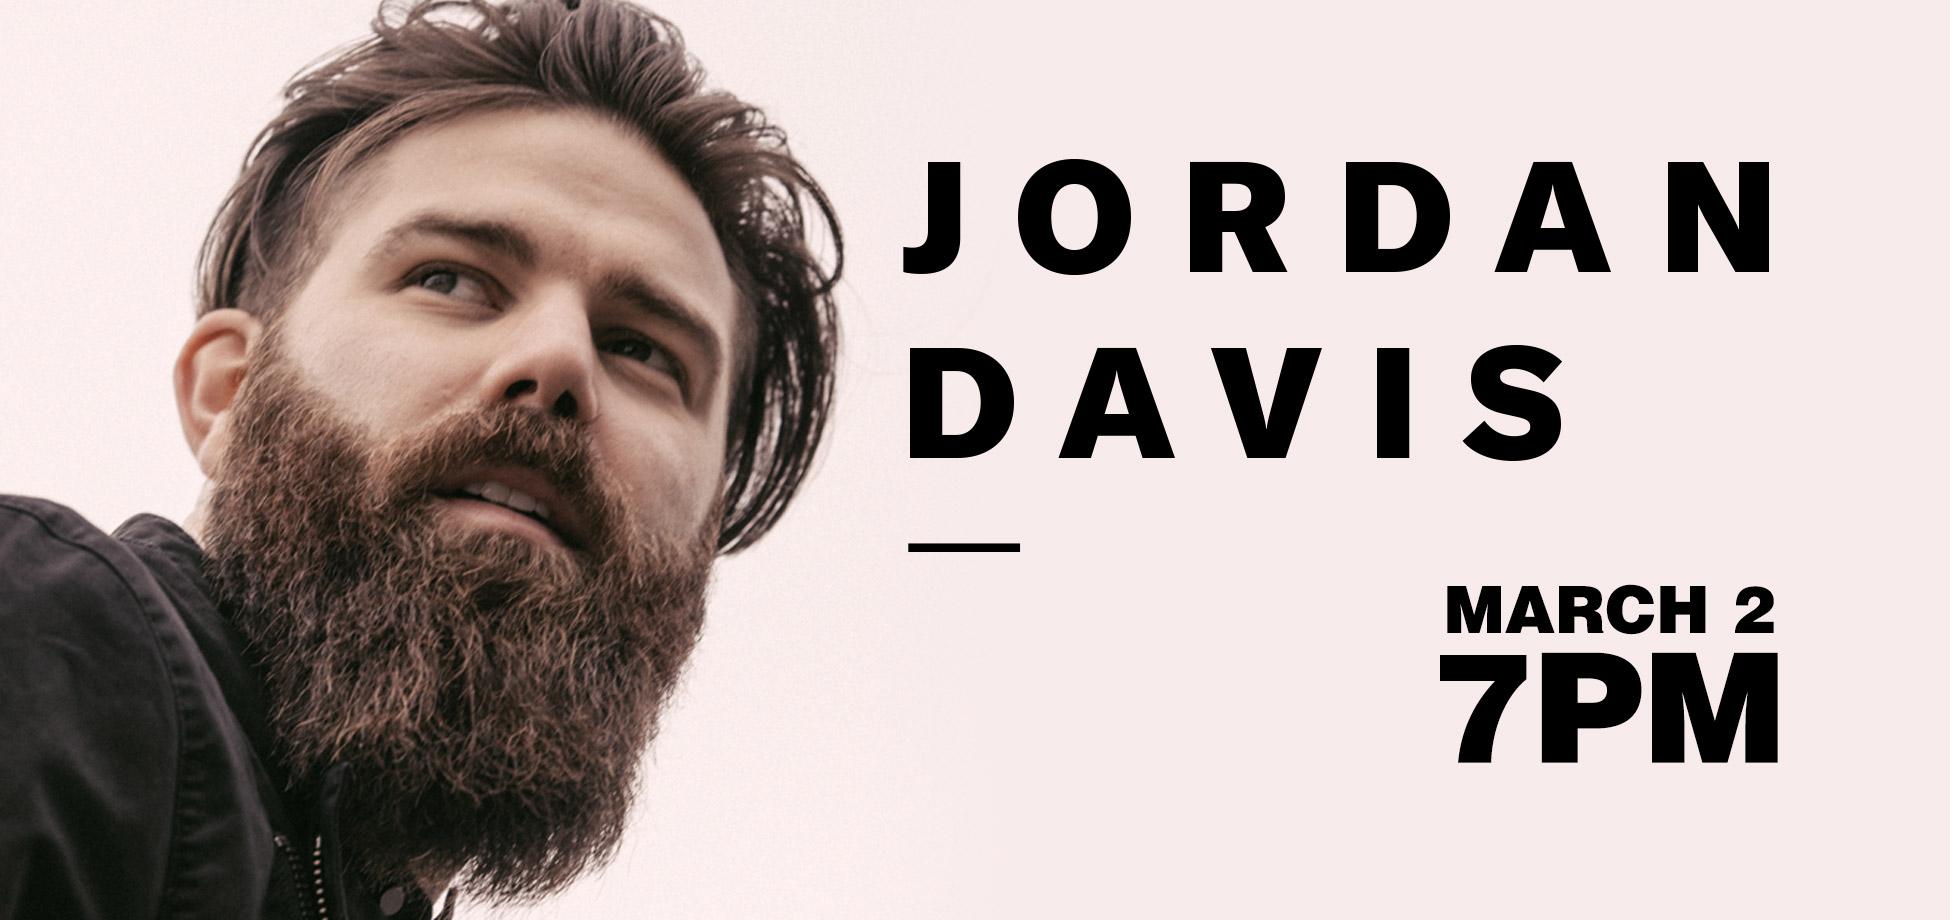 Jordan Davis Live in ConcertJordan Davis